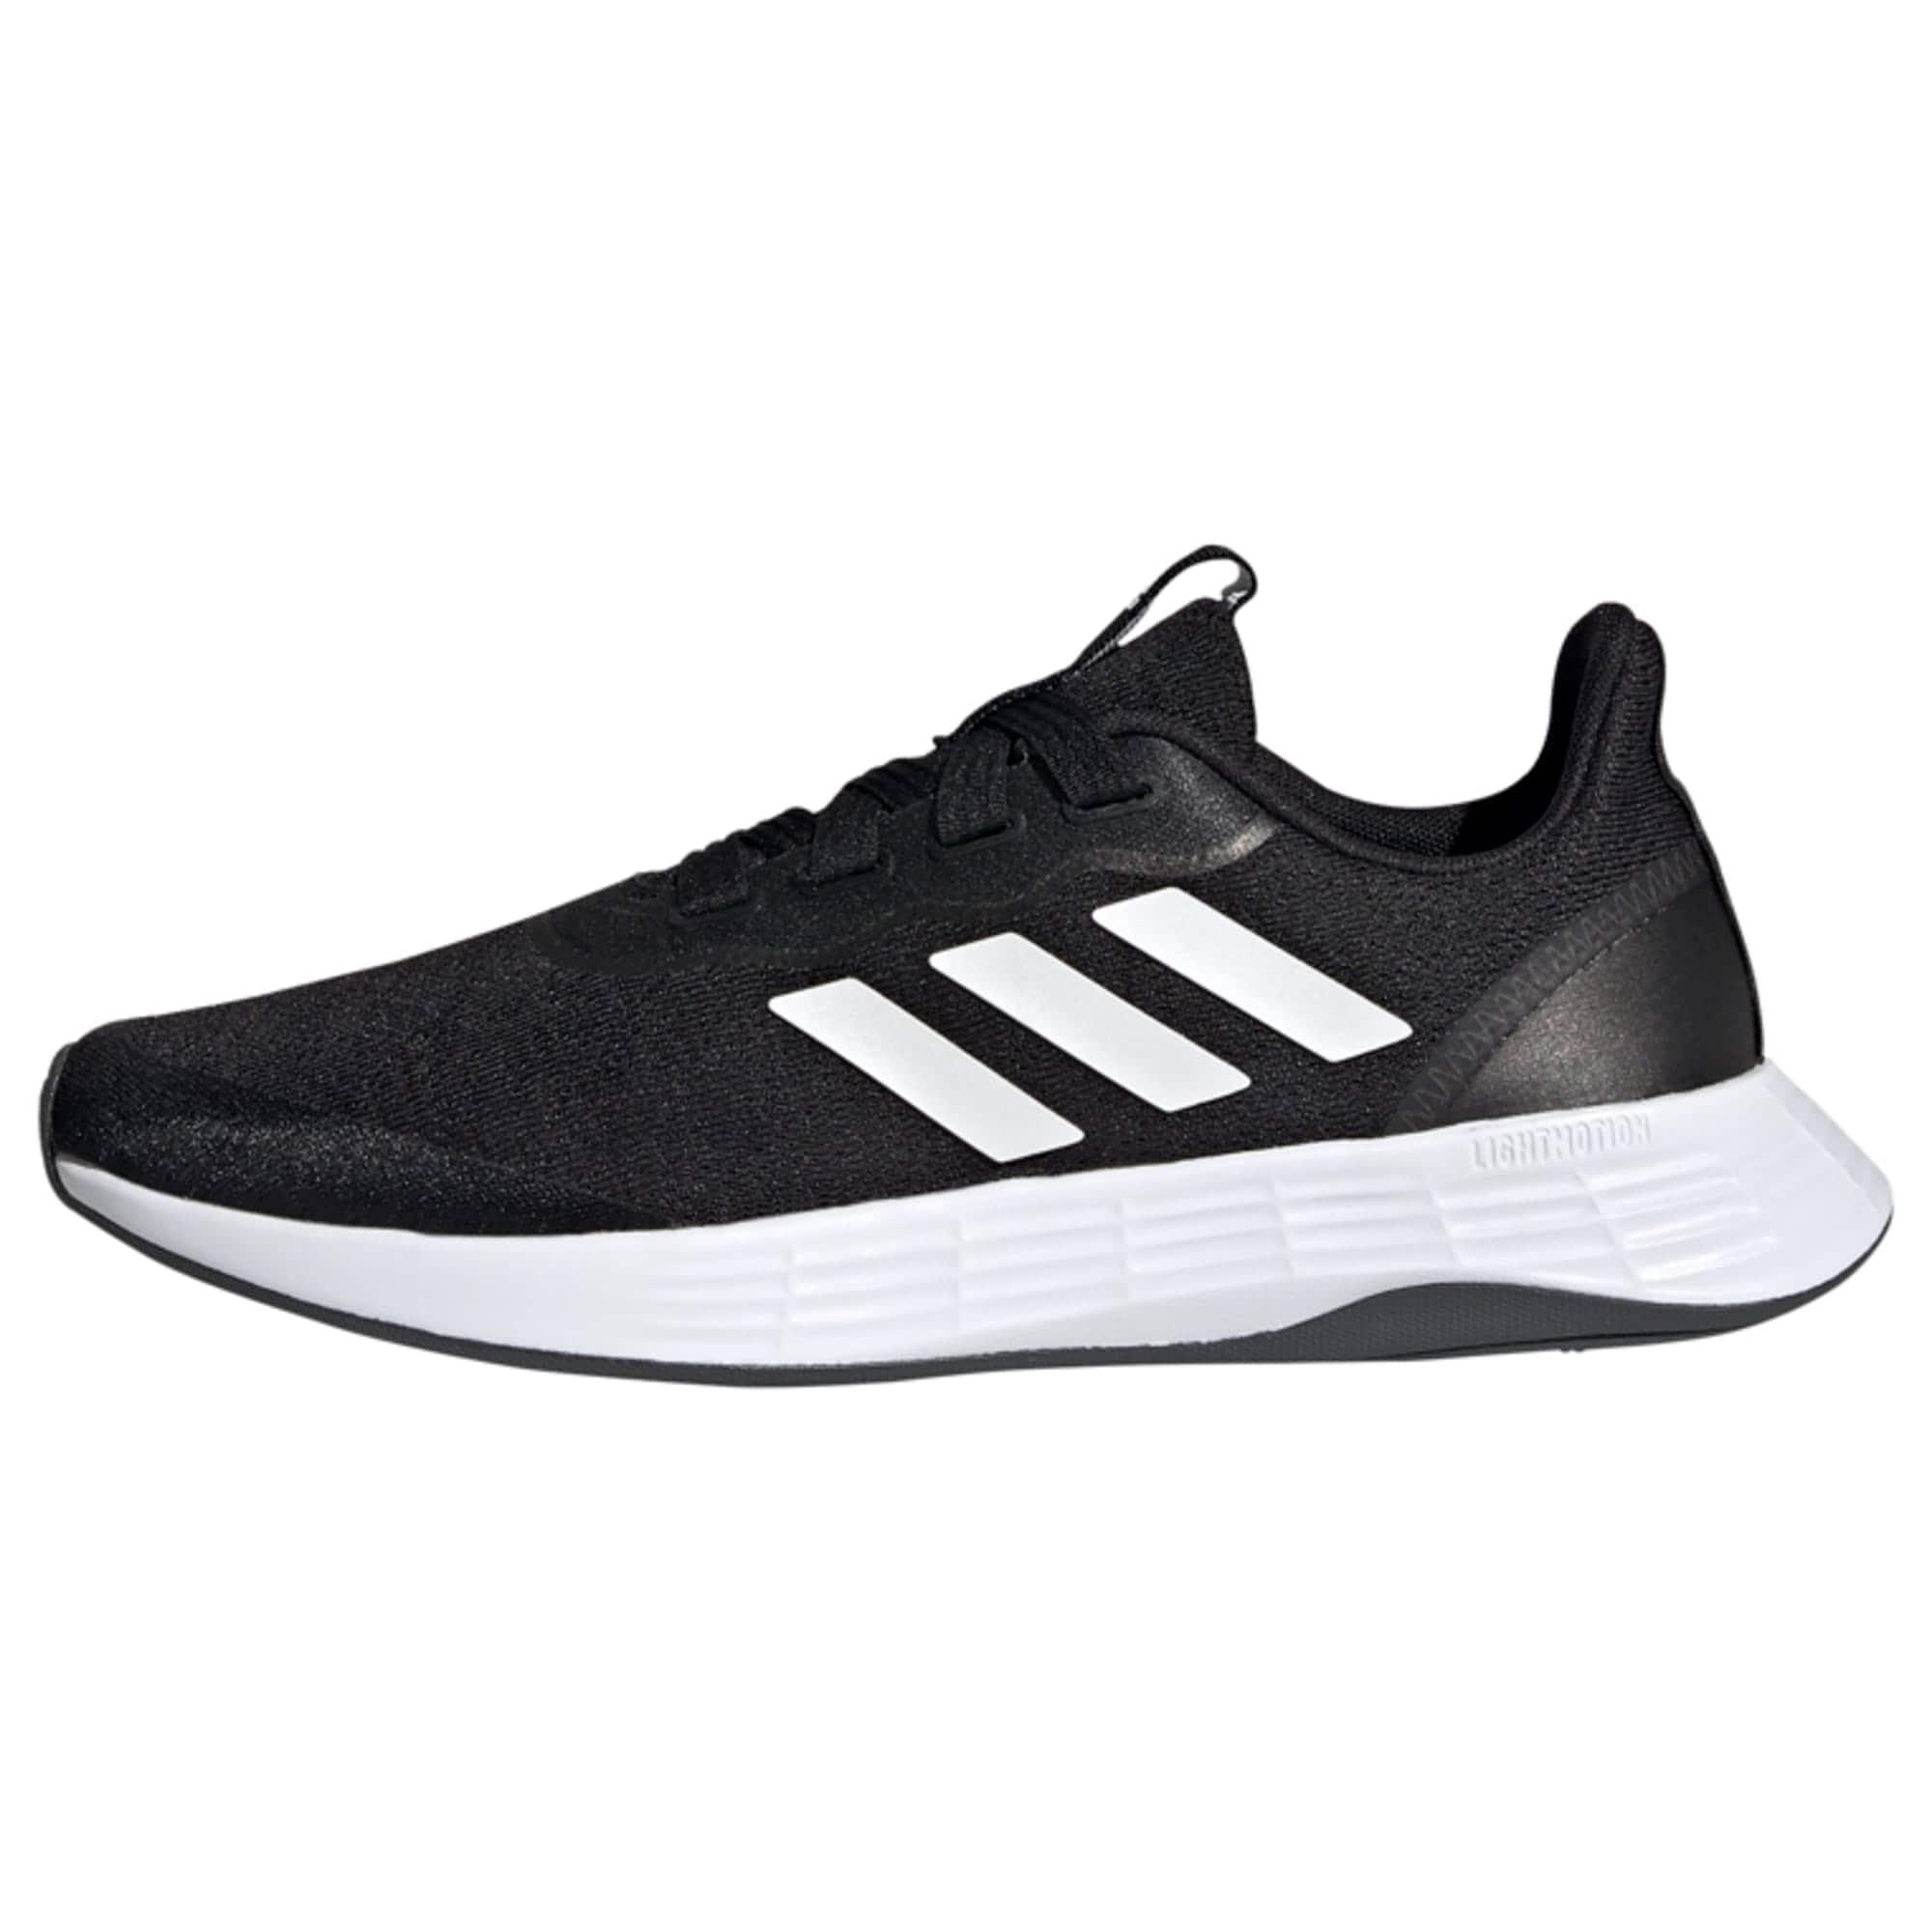 ADIDAS PERFORMANCE Chaussure de course  - Noir - Taille: 5.5 - female